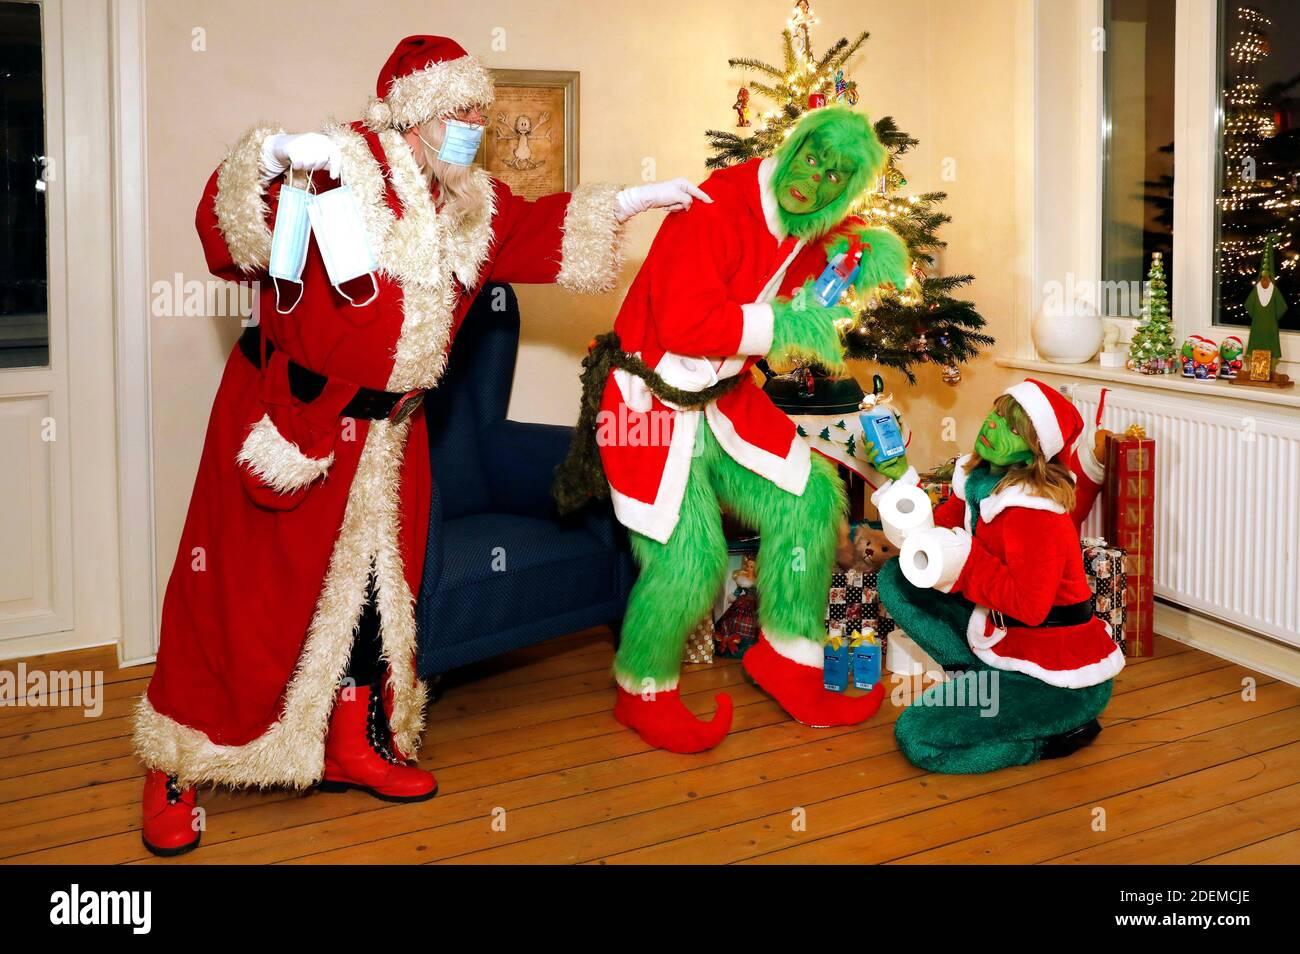 Le Père Noël attrape le Grinch et Mme Grinch voler présente et leur dit de porter un masque de protection. GEEK ART - Bodypainting et Transformaking: 'The Grinch Steals Christmas' photoshoot avec Enrico Lein as Grinch, Maria Skupin as Mrs Grinch et Fabian Zesiger as Santa Claus à la Villa Czarnecki à Hameln, le 30 novembre 2020 - UN projet du photographe Tschiponnique Skupin et du peintre Lebodyin Enrico Banque D'Images